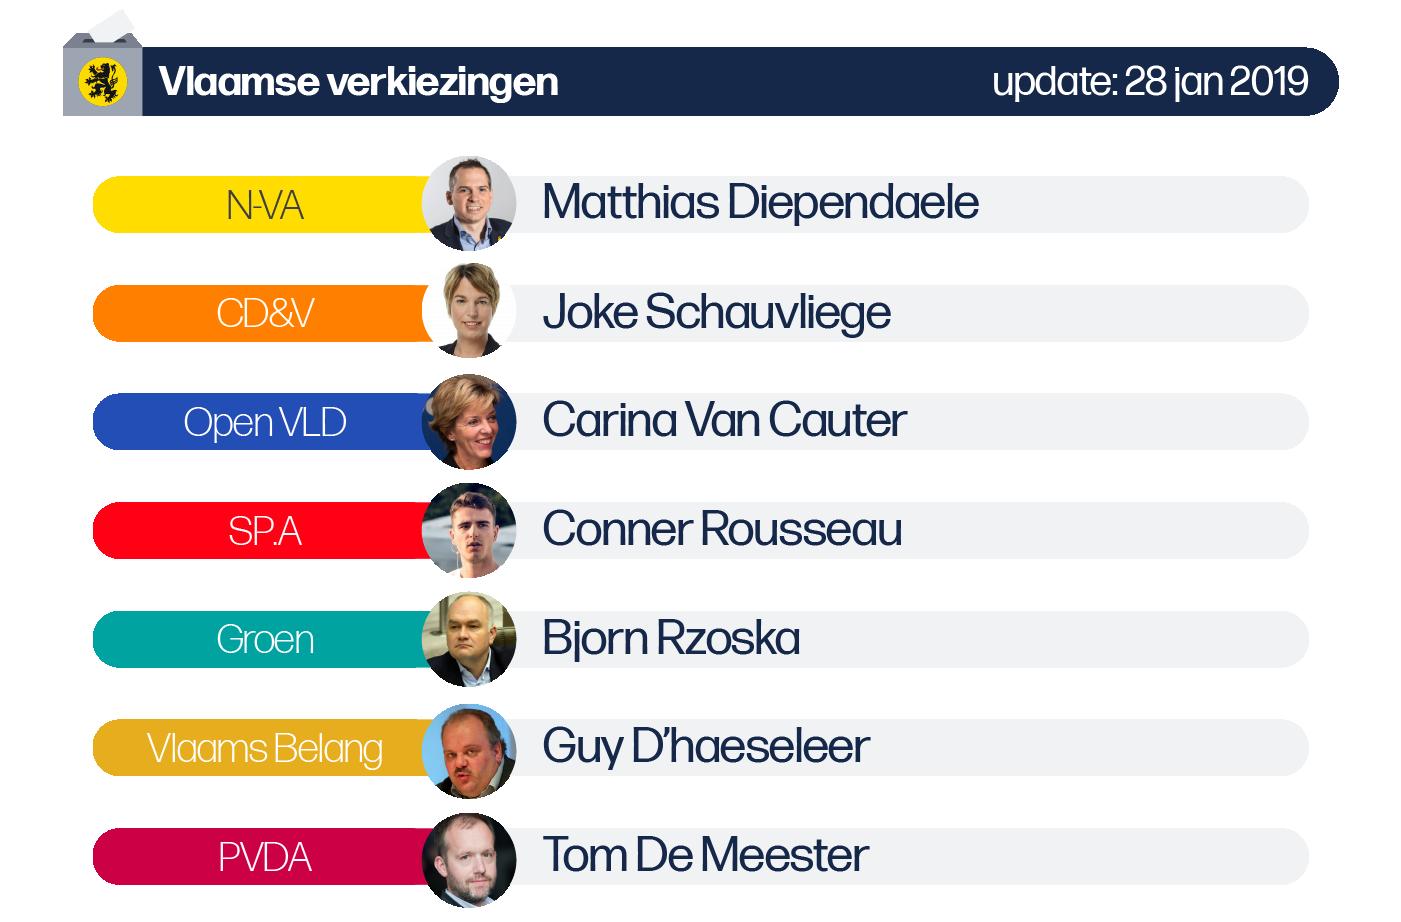 Deze afbeelding omvat volgende lijsttrekkers voor de Vlaamse verkiezingen van de provincie Oost-Vlaanderen: N-VA: Matthias Diependaele, CD&V: Joke Schauvliege, SP.A: Conner Rousseau, Vlaams Belang: Guy D'haeseleer